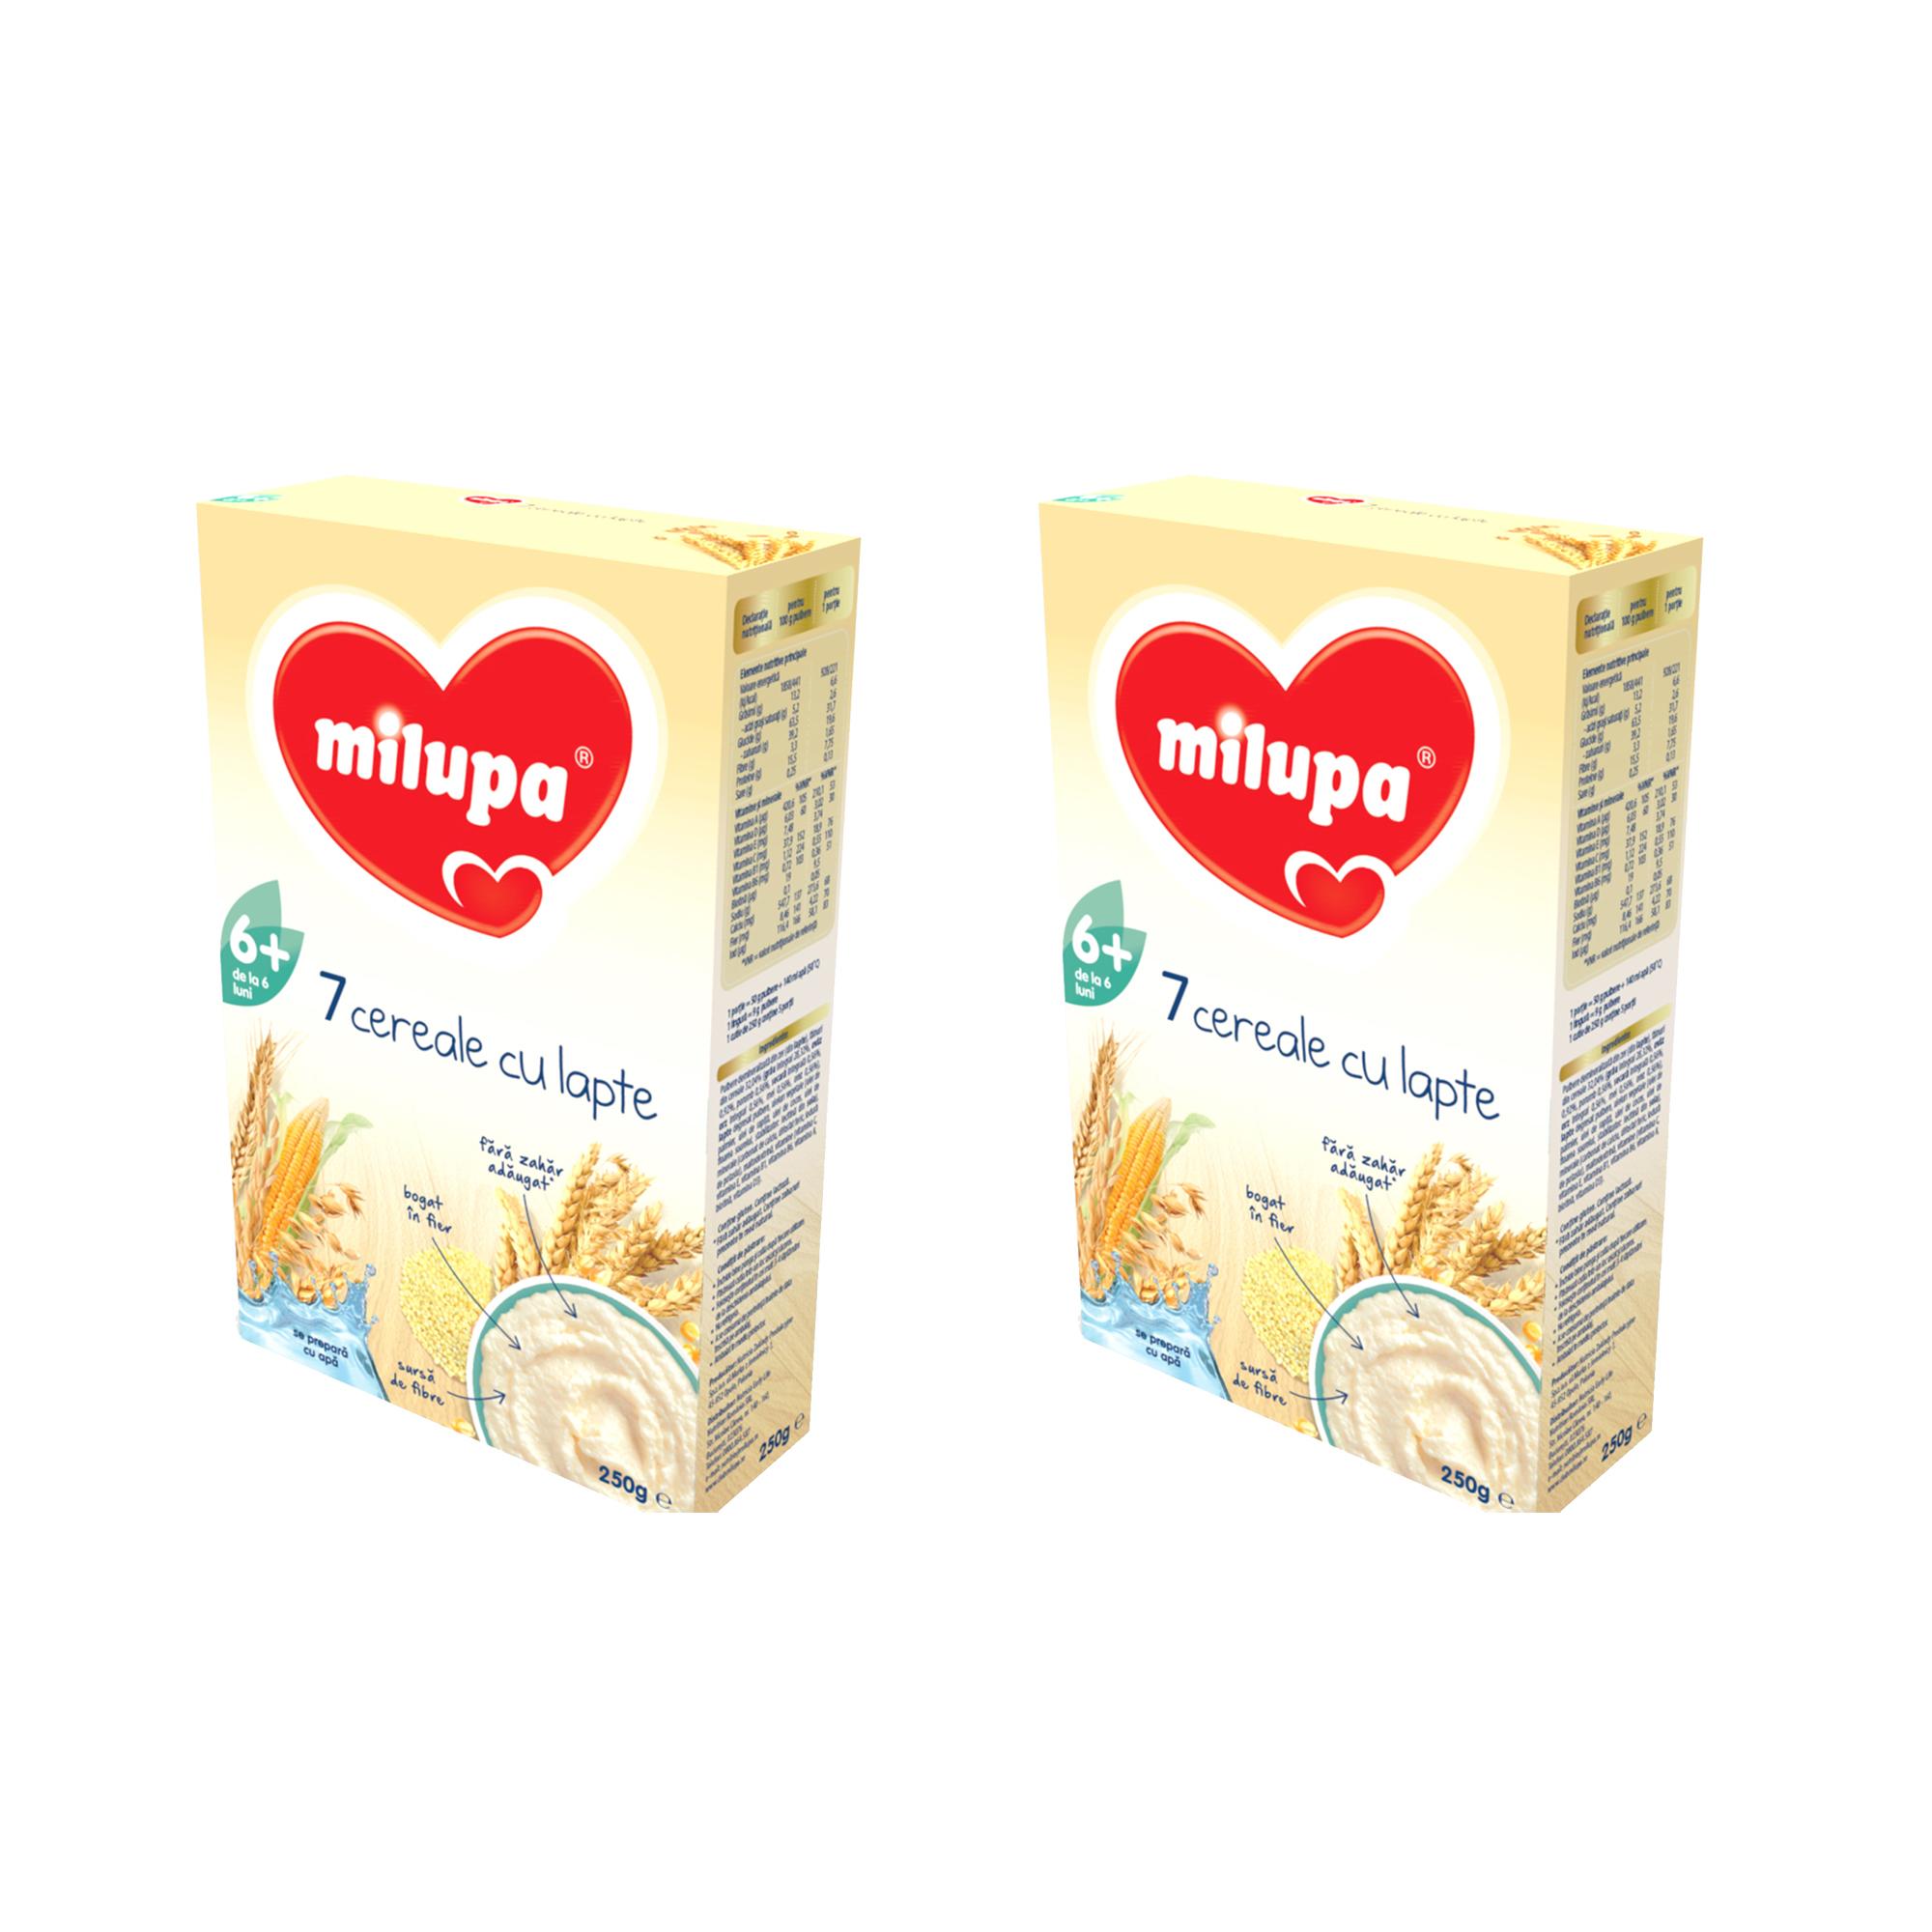 Pachet 2 x Cereale cu lapte, Milupa 7 Cereale, 250g, 6luni+